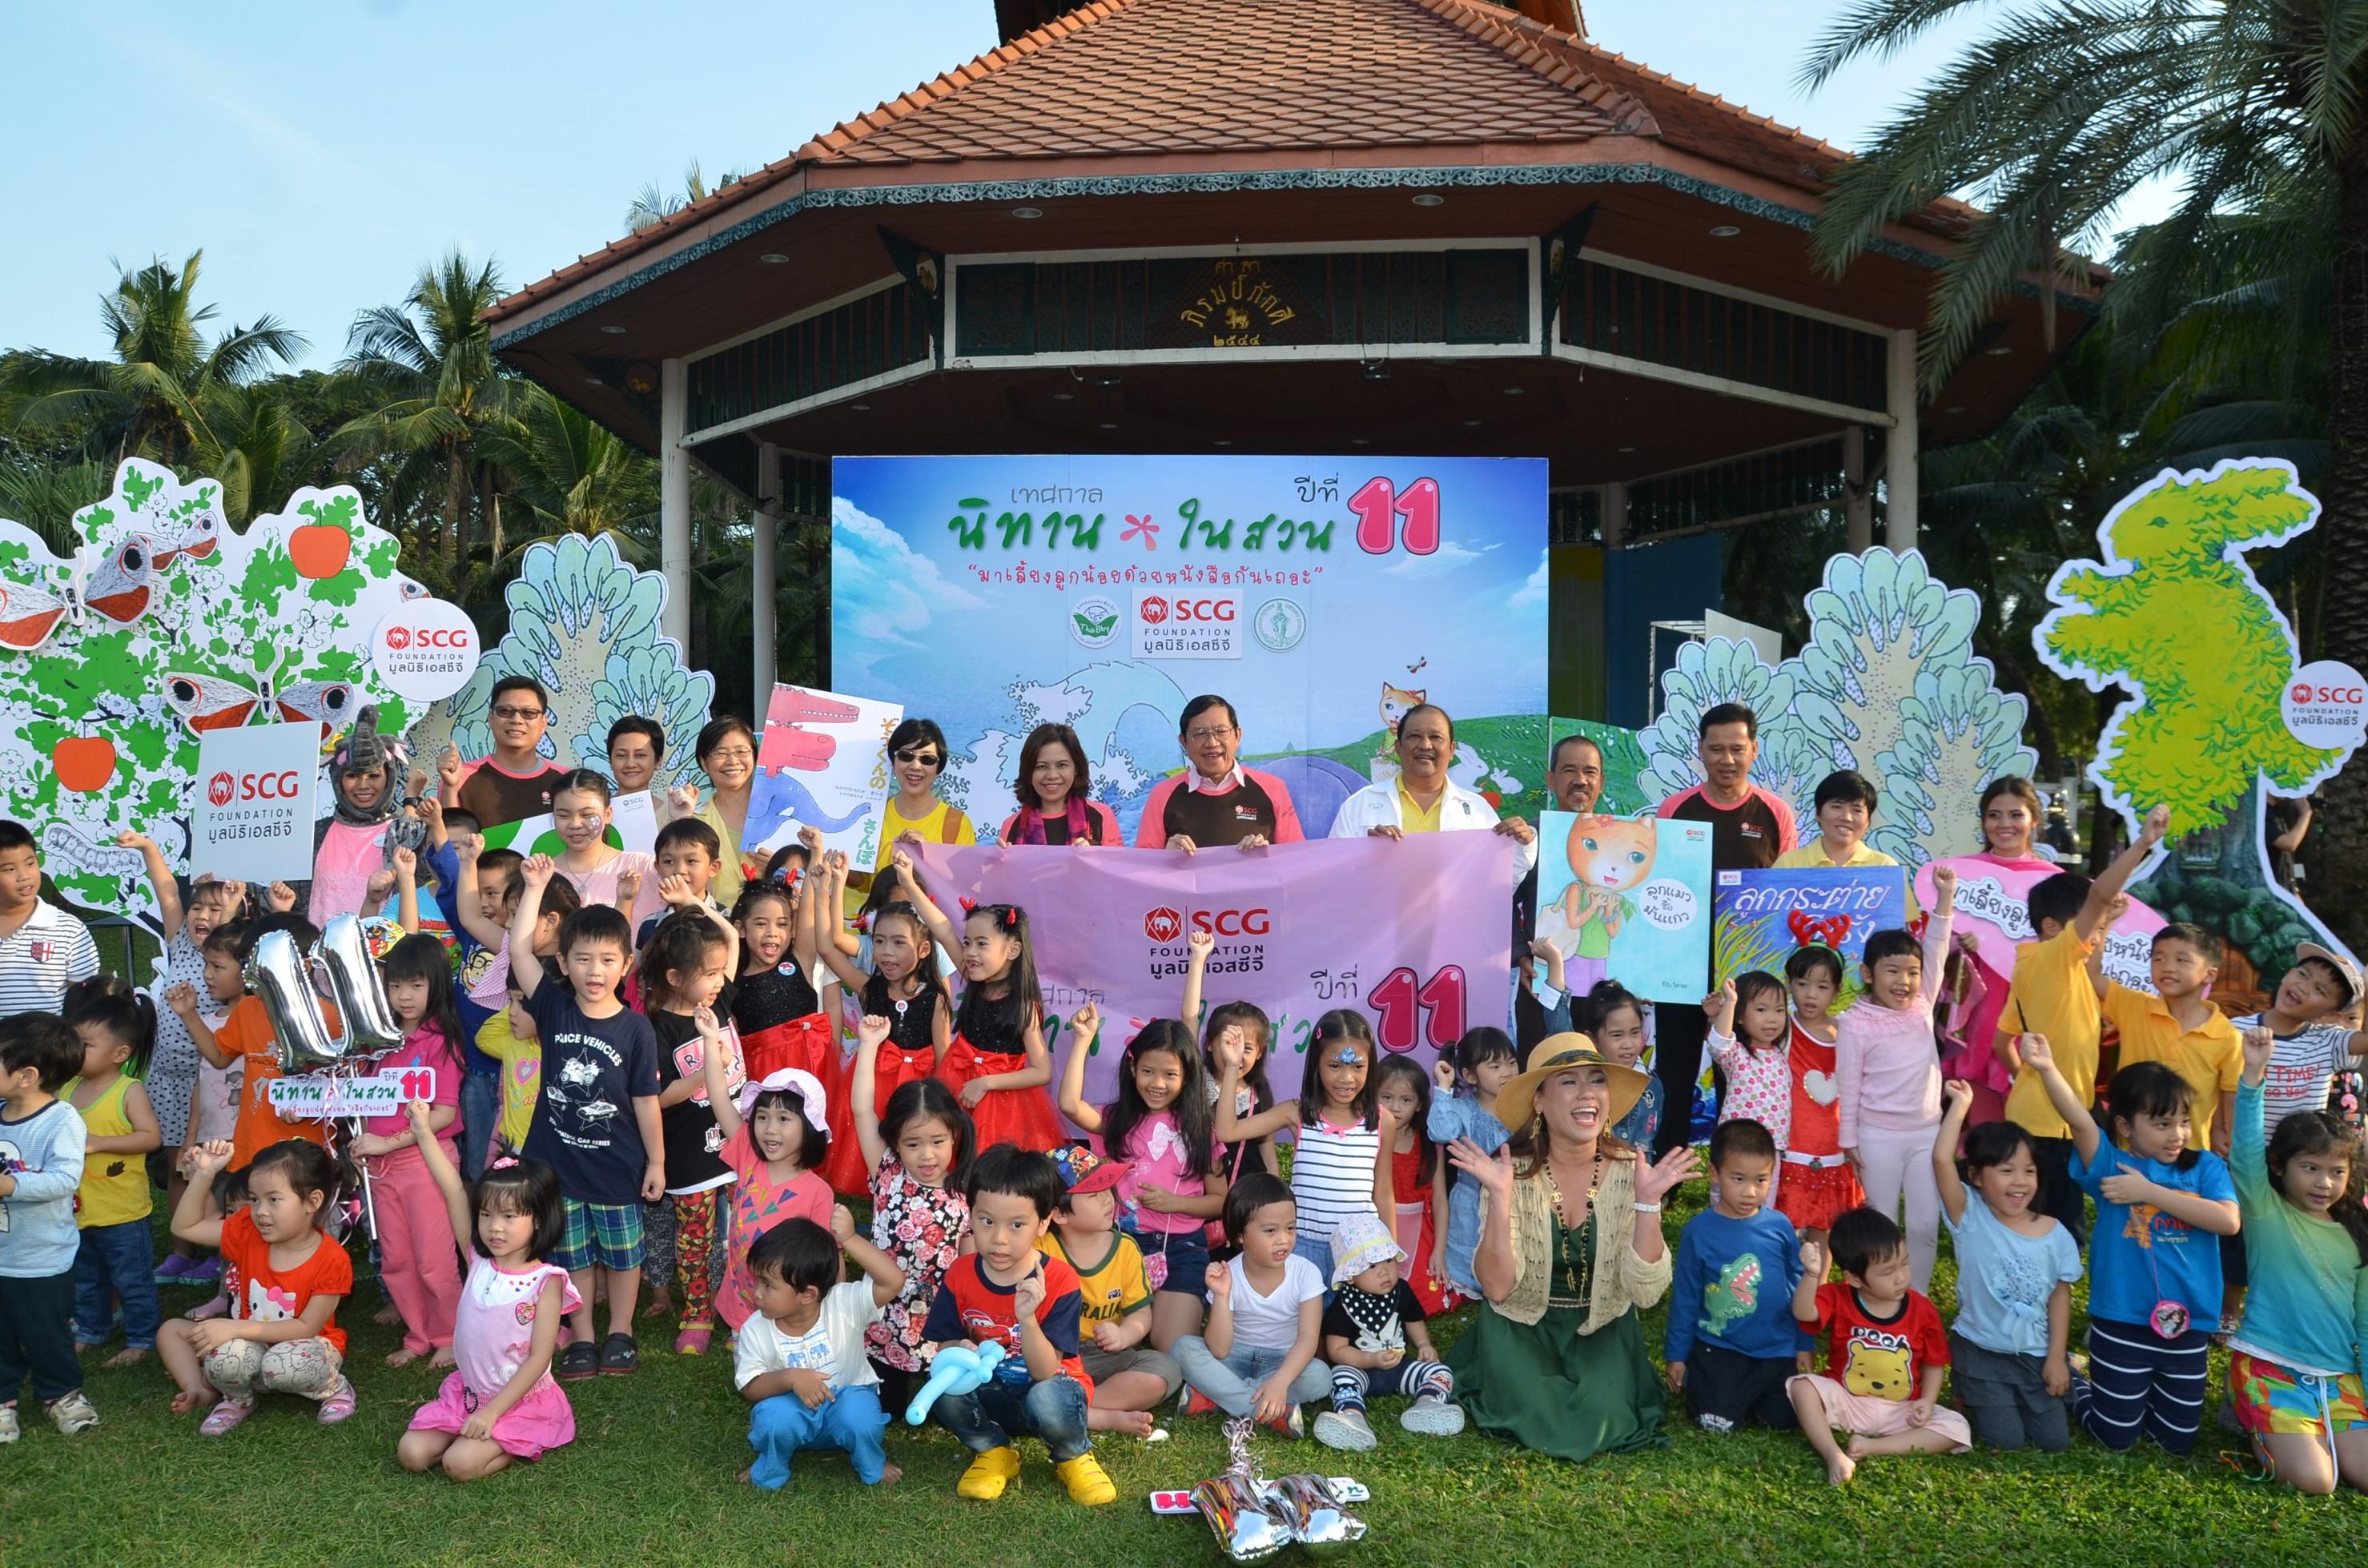 เสริมไอคิว ปลูกจินตนาการ ในงานเทศกาลนิทานในสวน กิจกรรมจุดประกายพ่อแม่ไทยเลี้ยงลูกด้วยหนังสือ